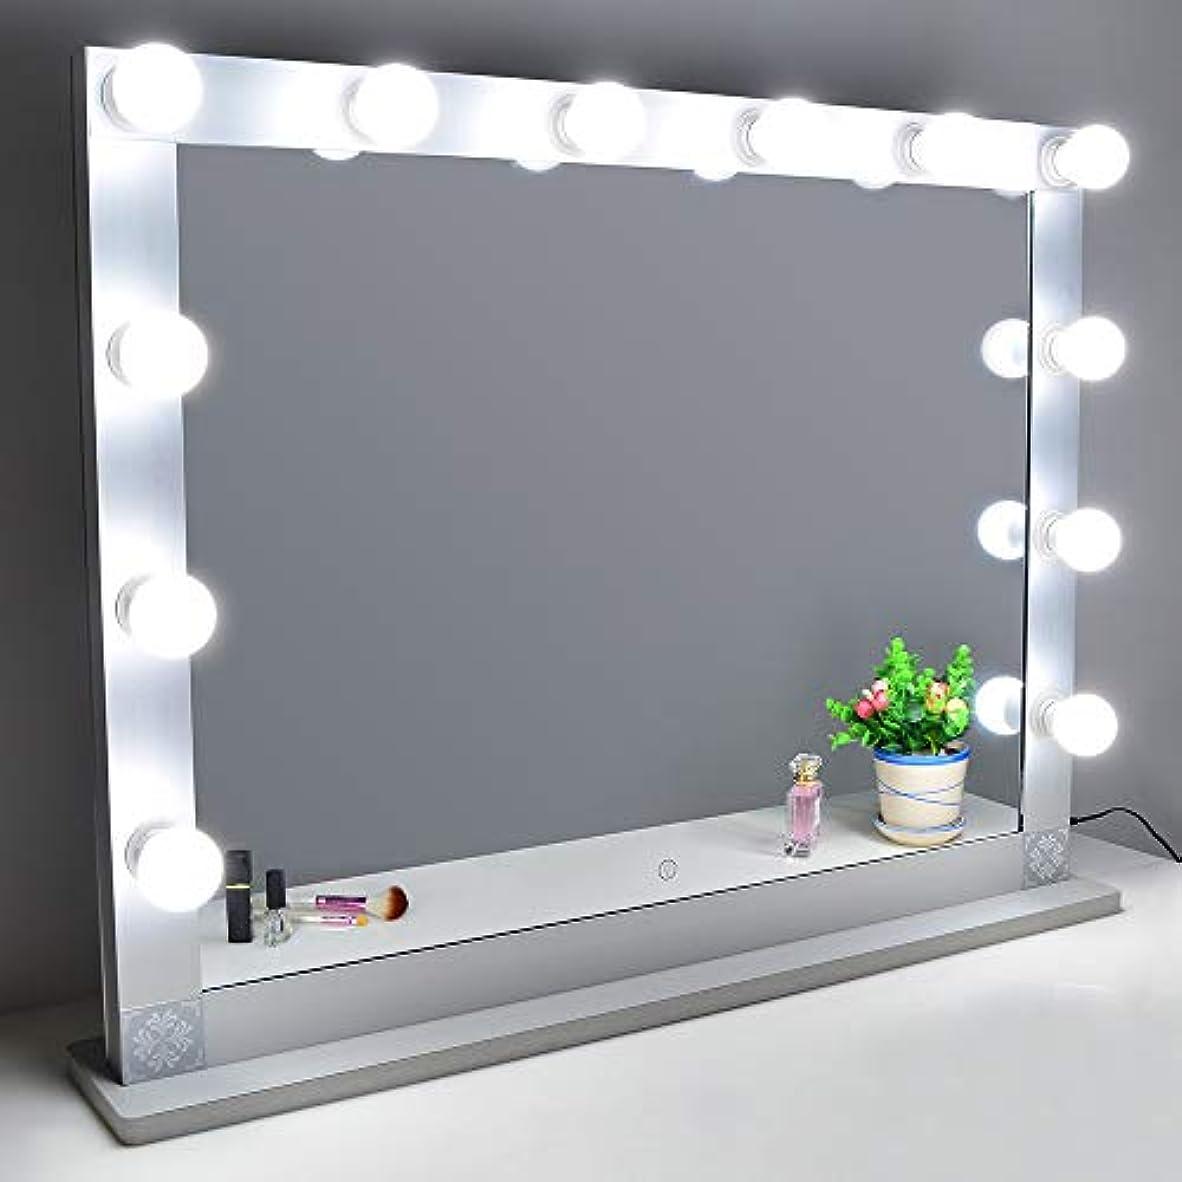 篭戦艦コミュニケーションNitin 女優ミラー 大型化粧鏡 ハリウッドミラー 12個LED電球付き 無段階調光 スタンド付き USB差込口付き 卓上ミラー 女優ライト ドレッサー/化粧台に適用(85*66.5cm)